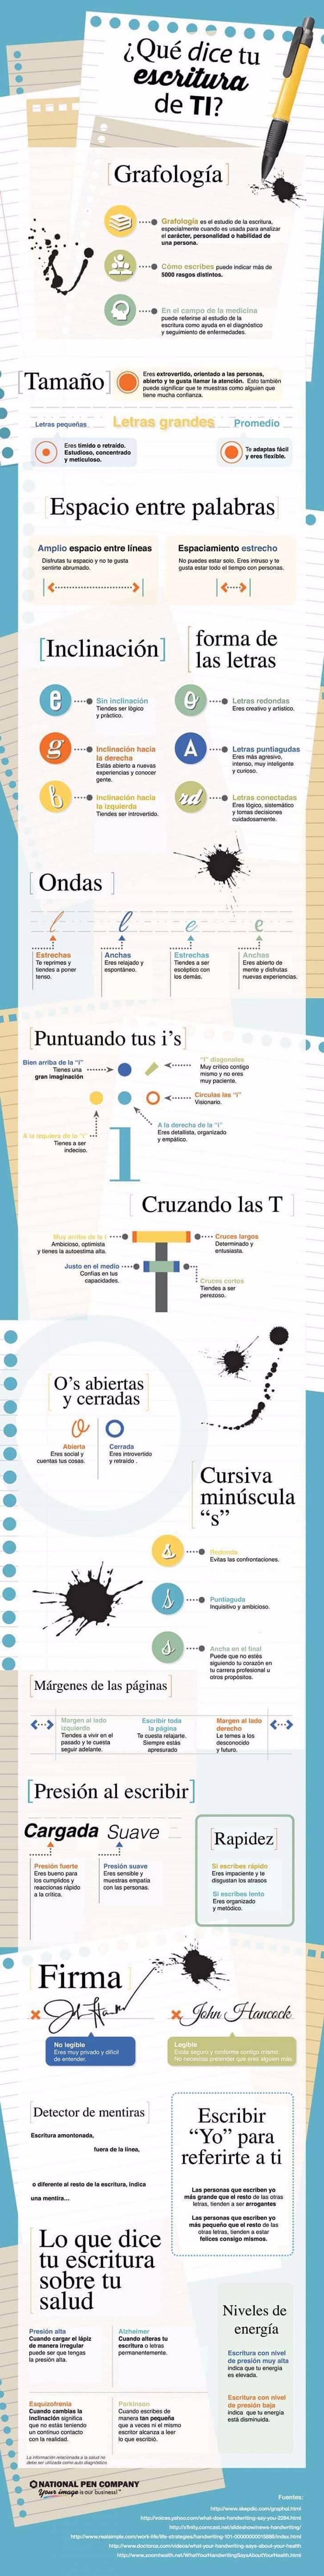 infografía grafología